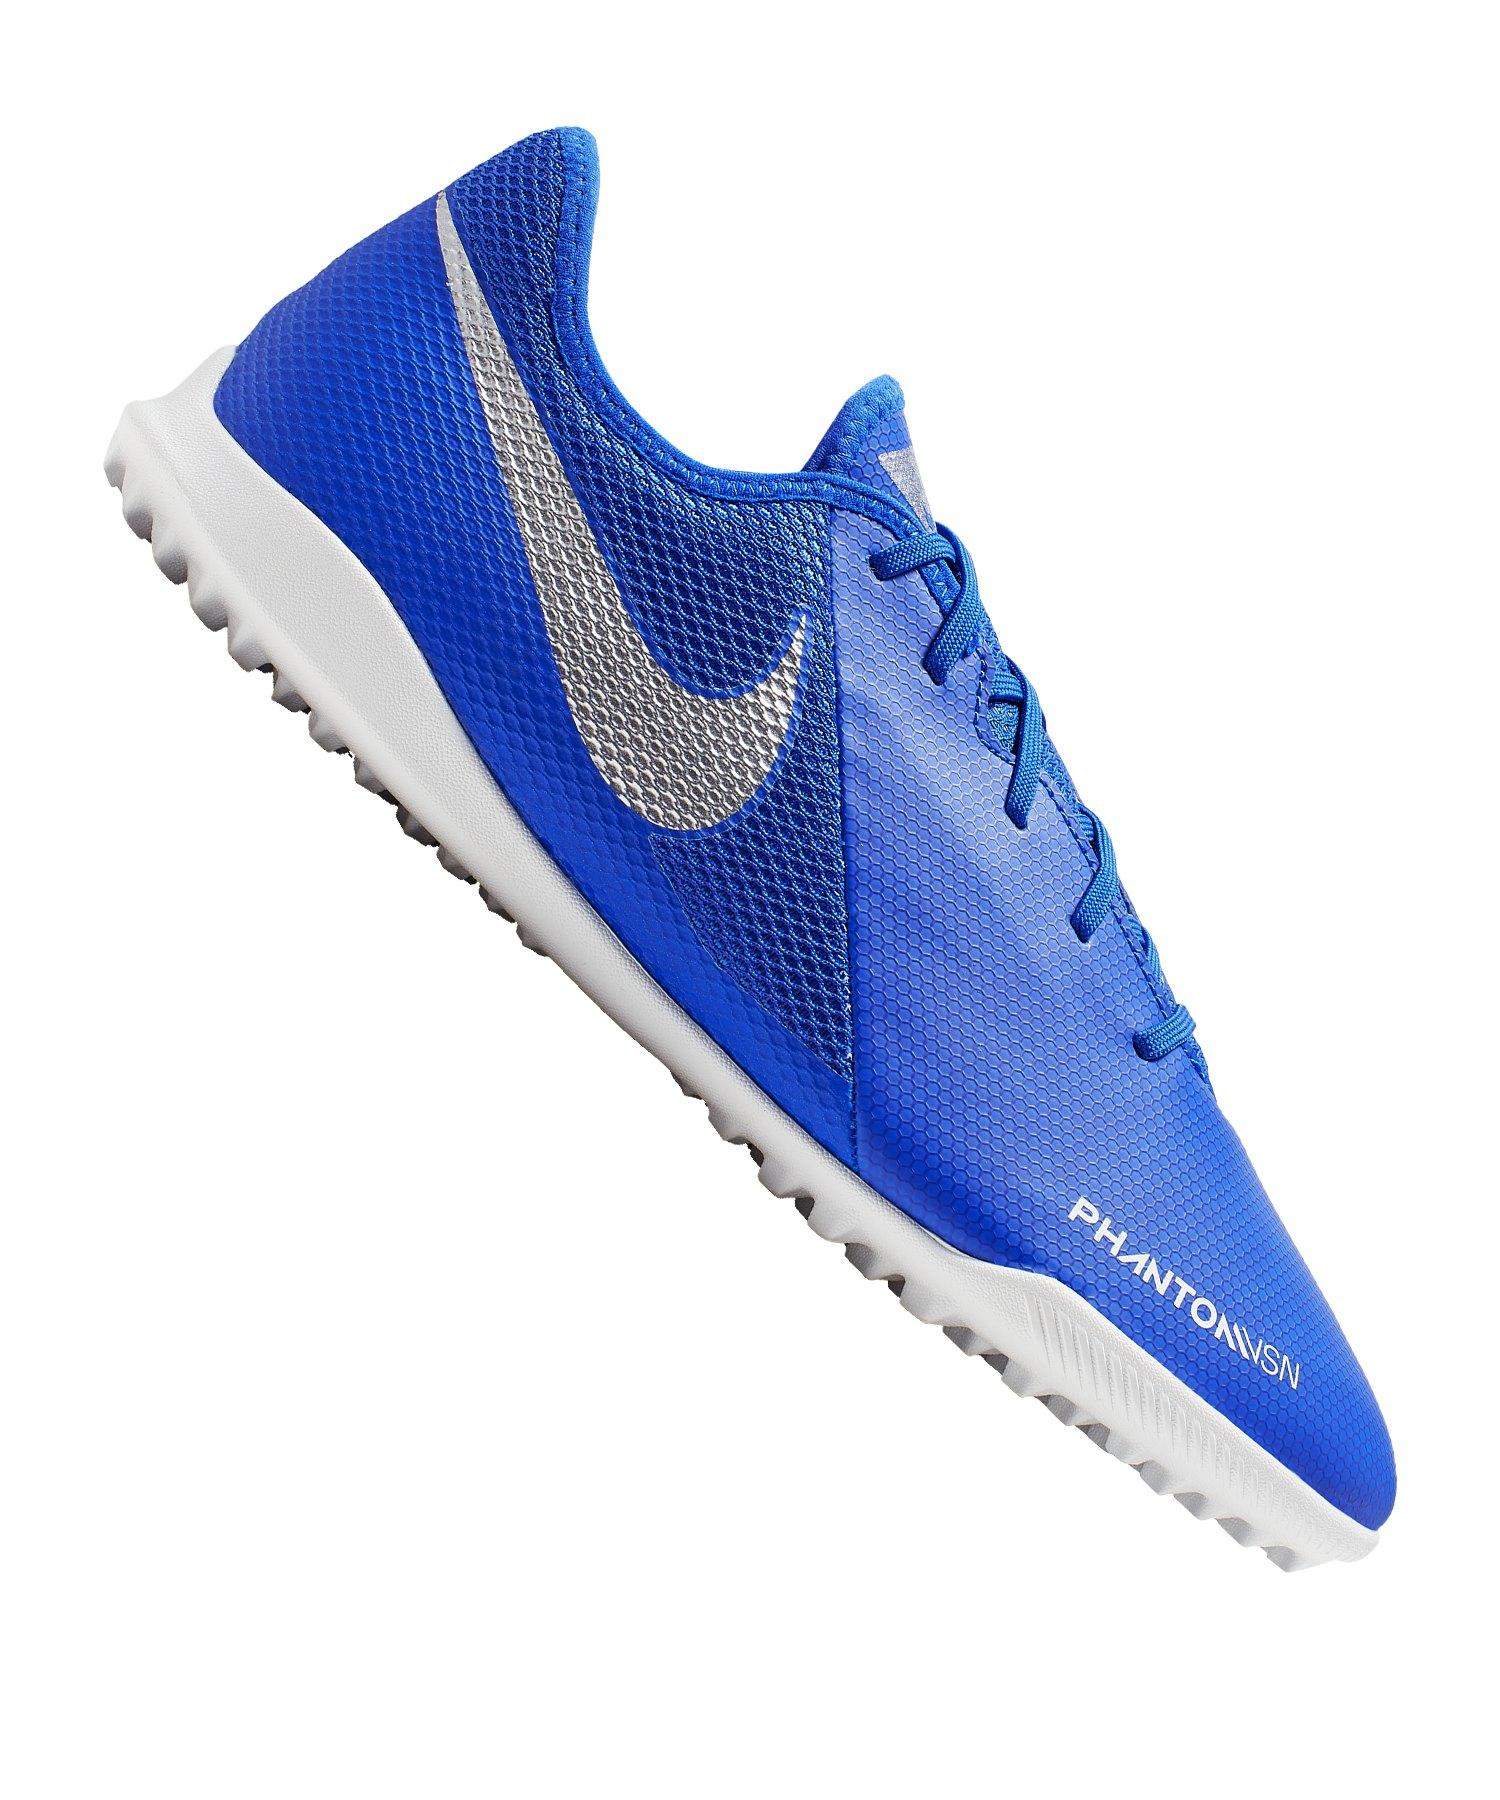 Nike Phantom Vision Academy TF Blau F410 - Blau